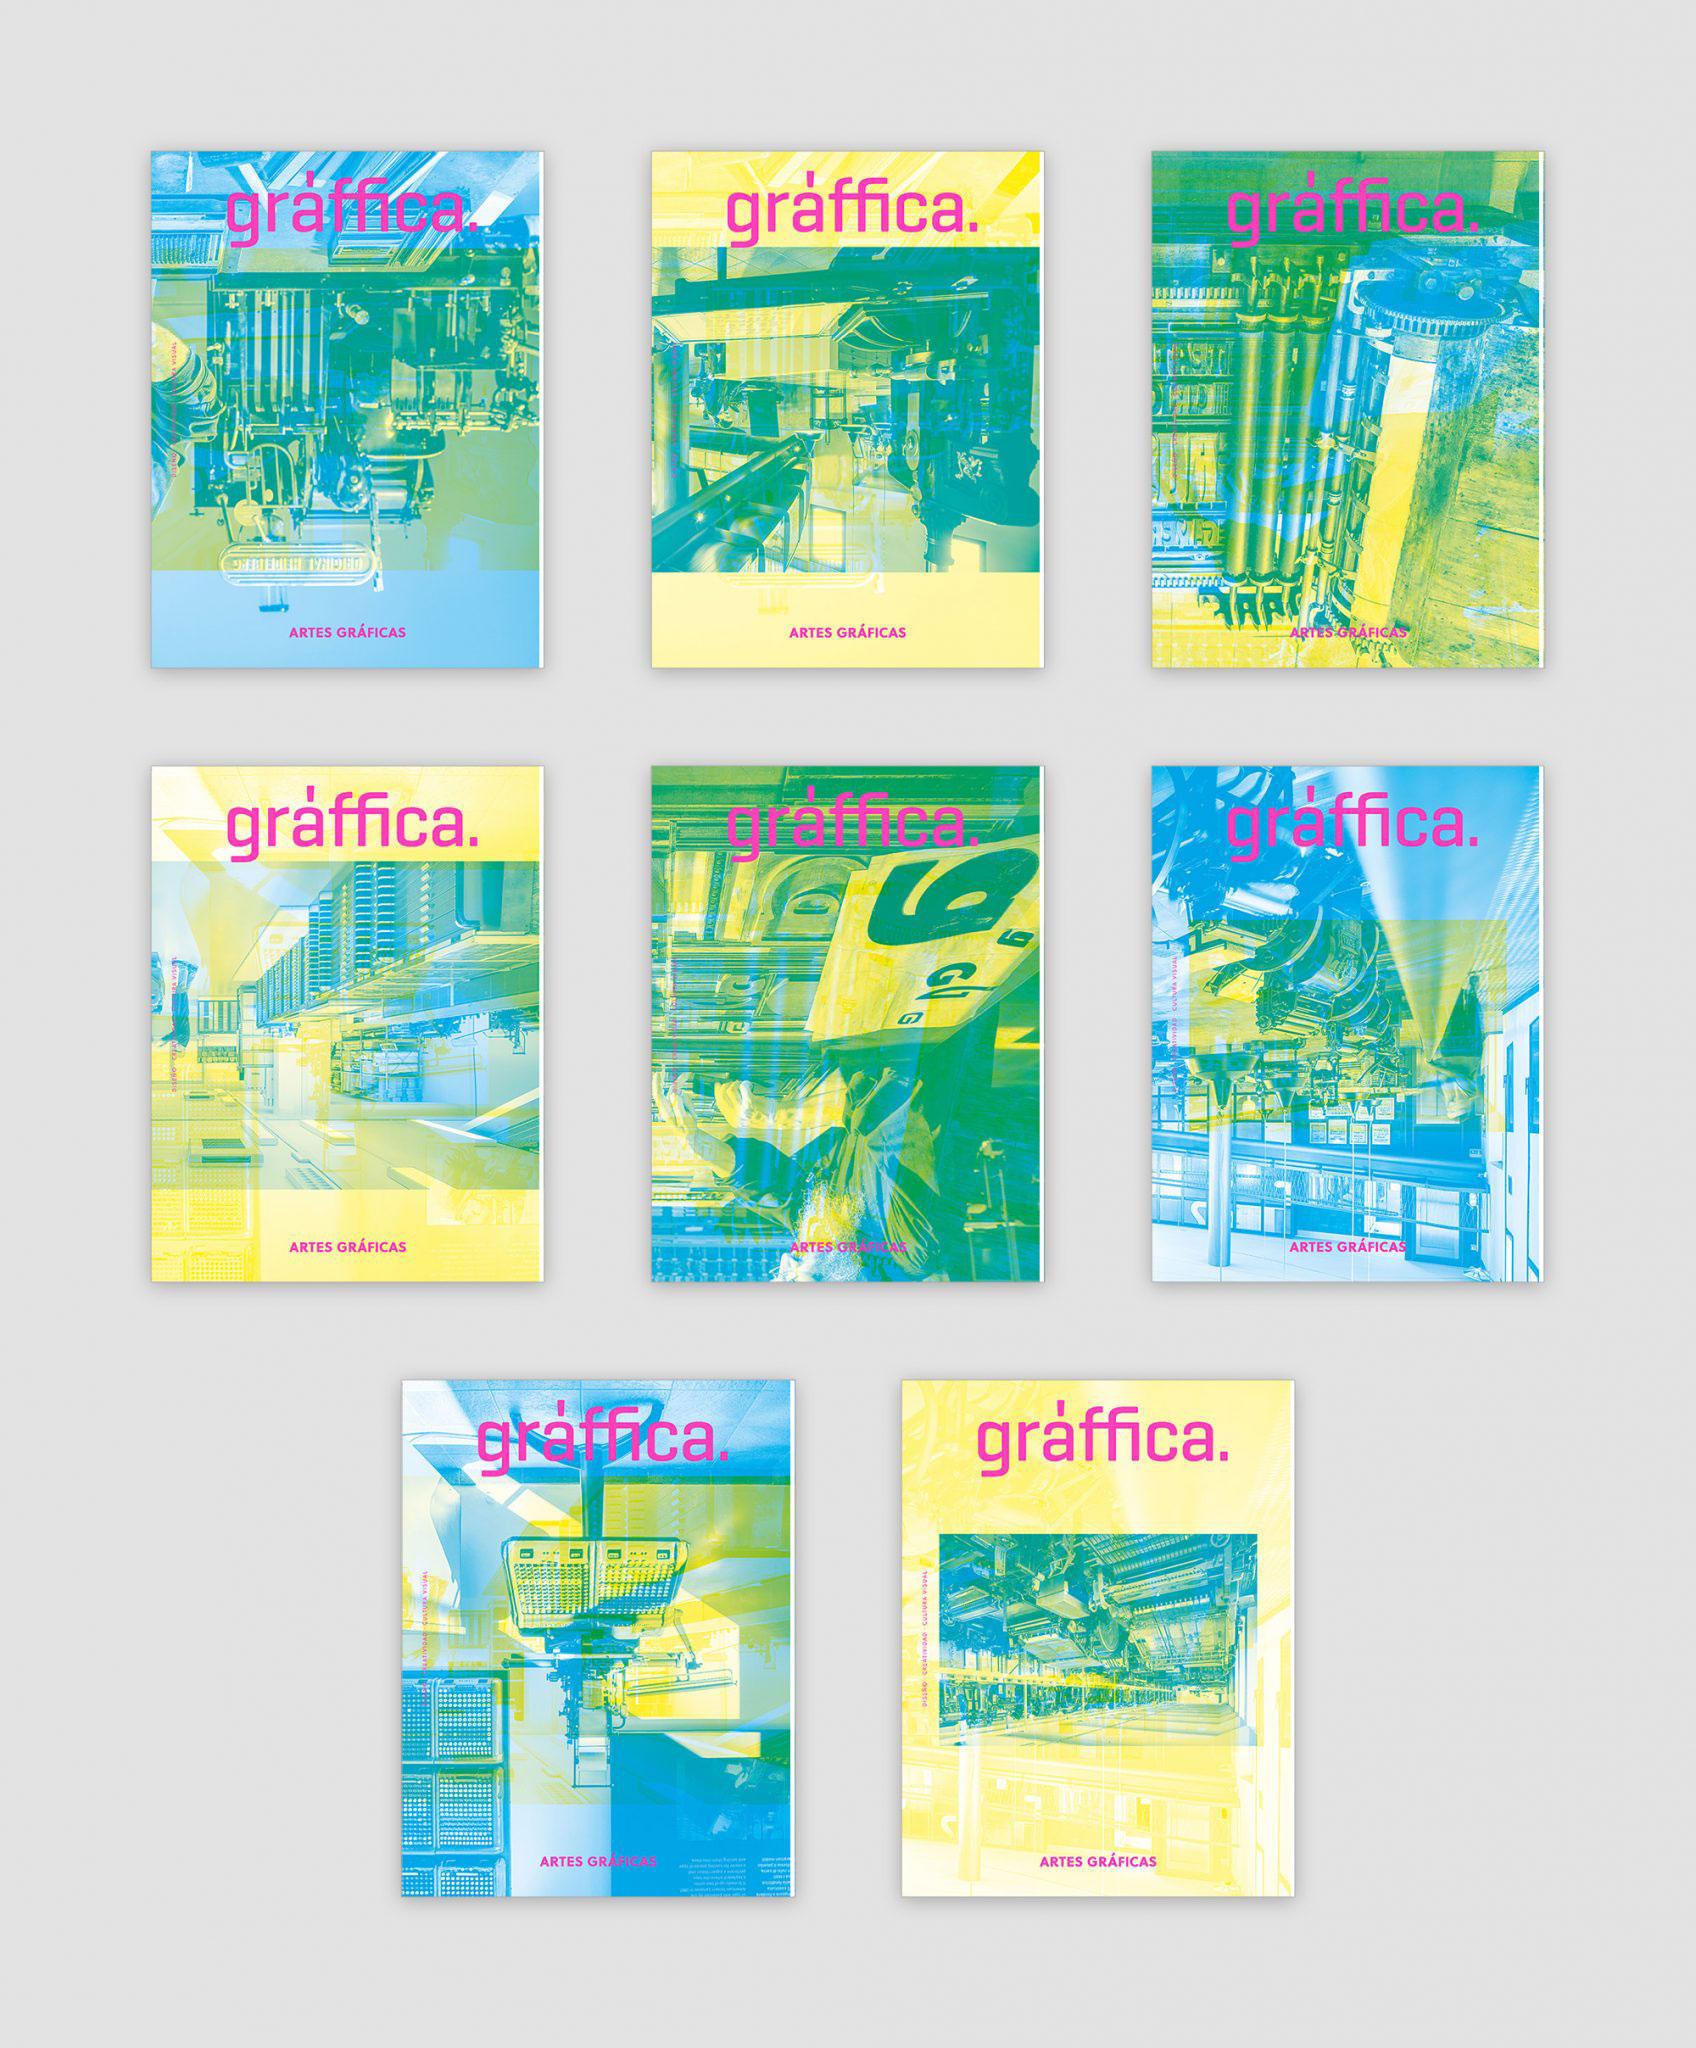 composición de portadas de Gràffica